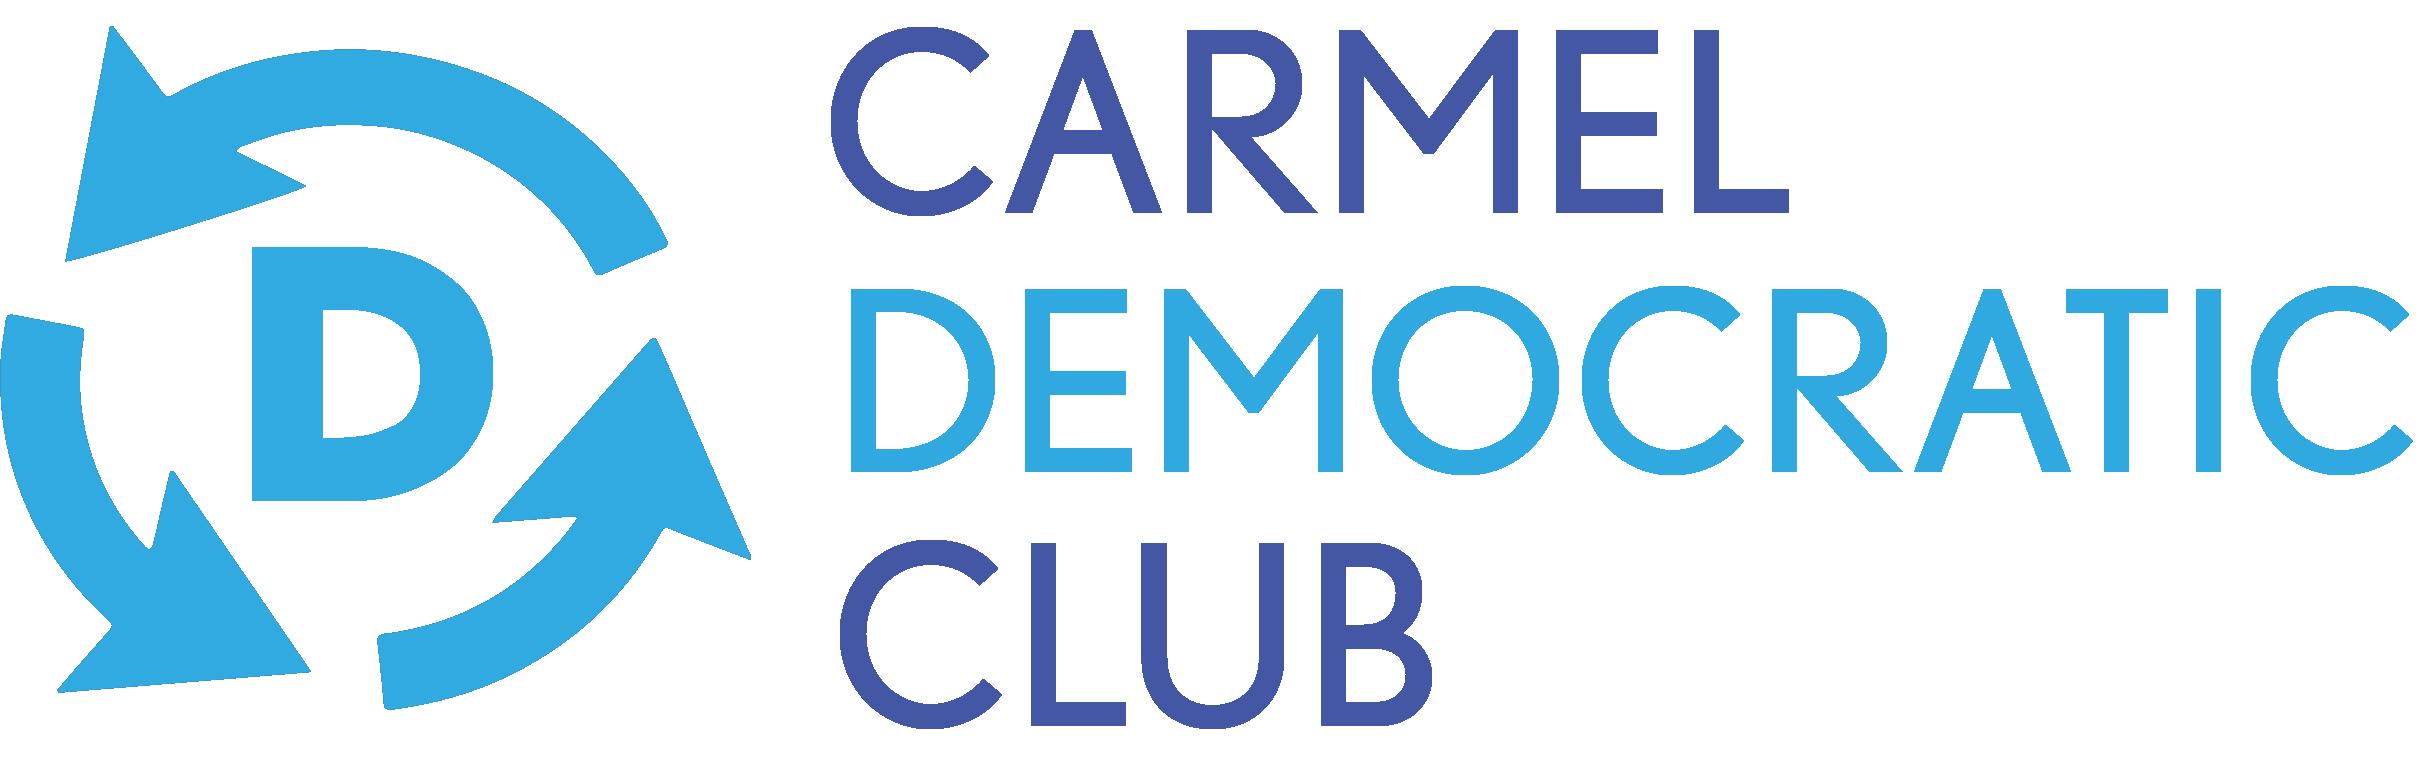 Carmel Democratic Club